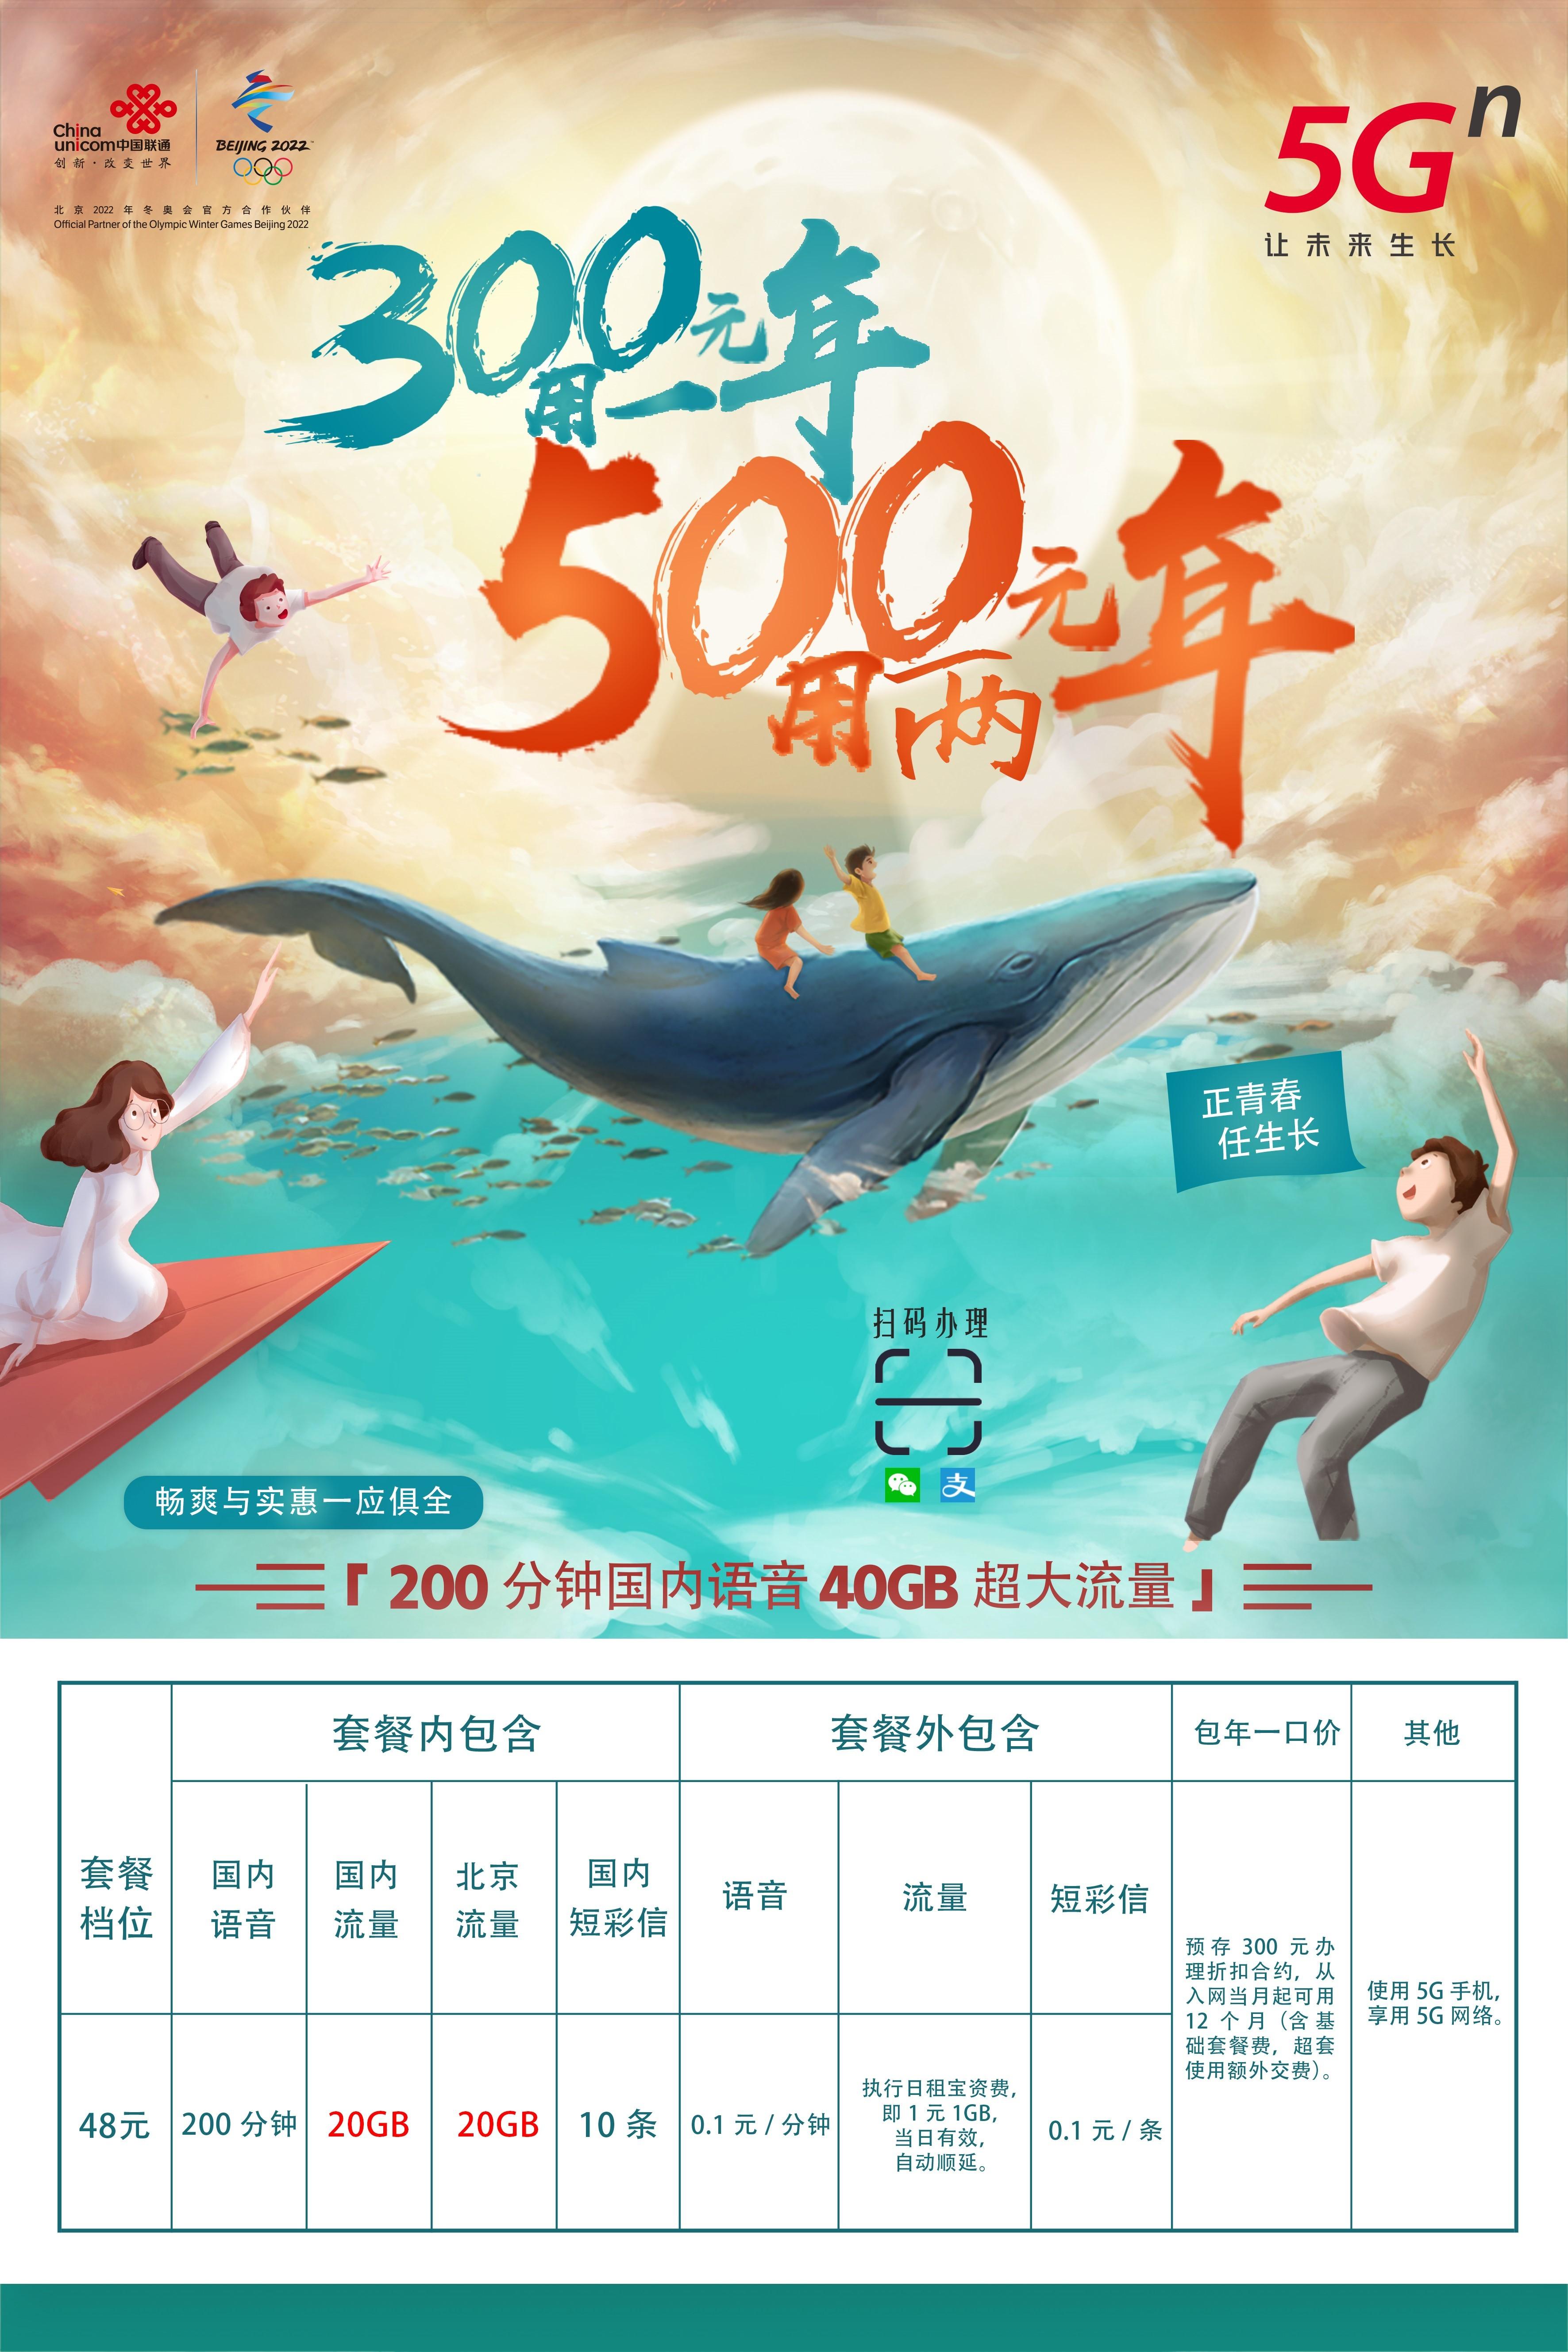 北京联通校园卡:40G流量+200分钟通话 300元1年-宅司机